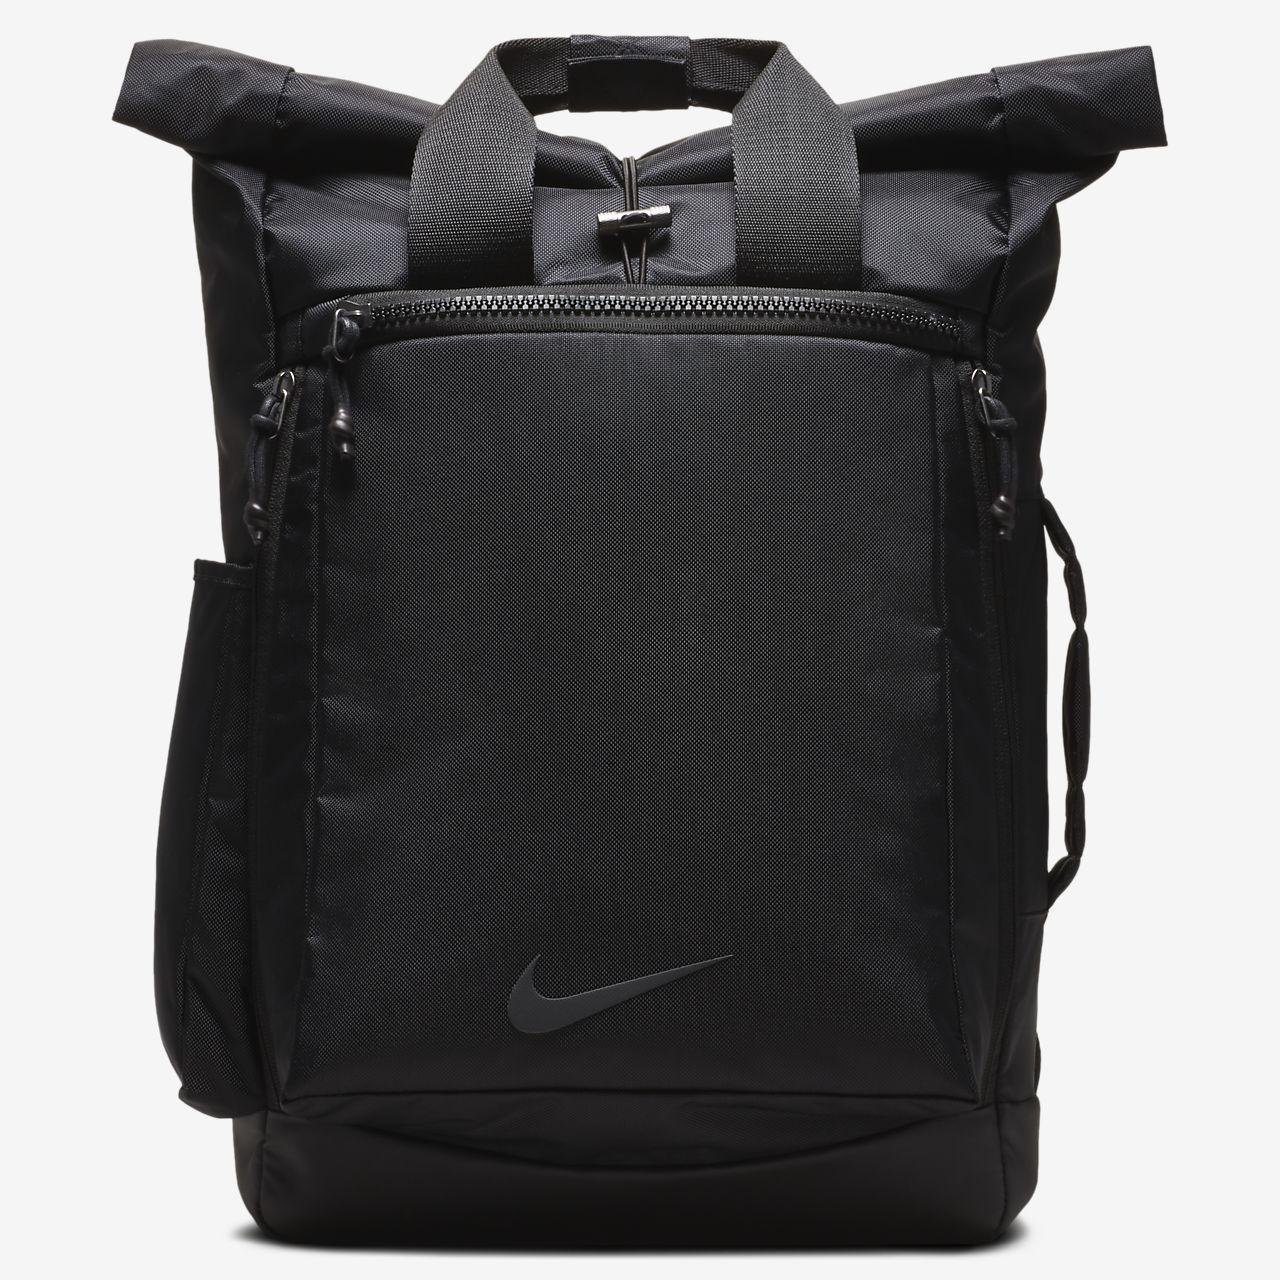 98c851b945 Tréninkový batoh Nike Vapor Energy 2.0. Nike.com CZ